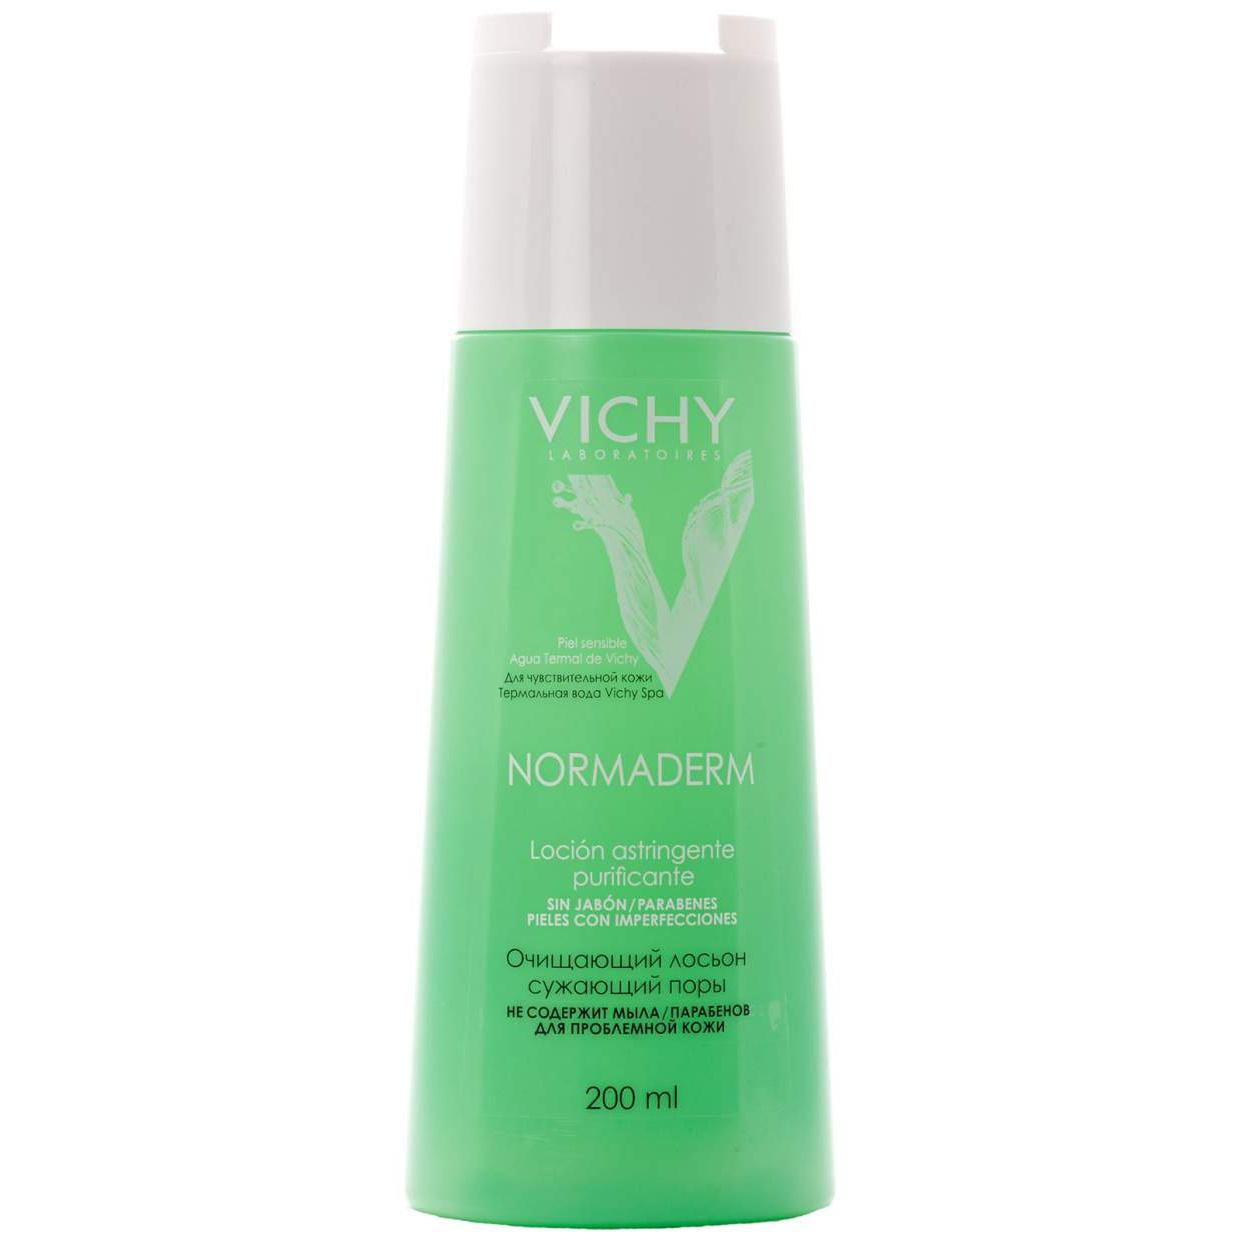 Очищающий и сужающий поры лосьон Vichy Нормадерм, 200мл фото